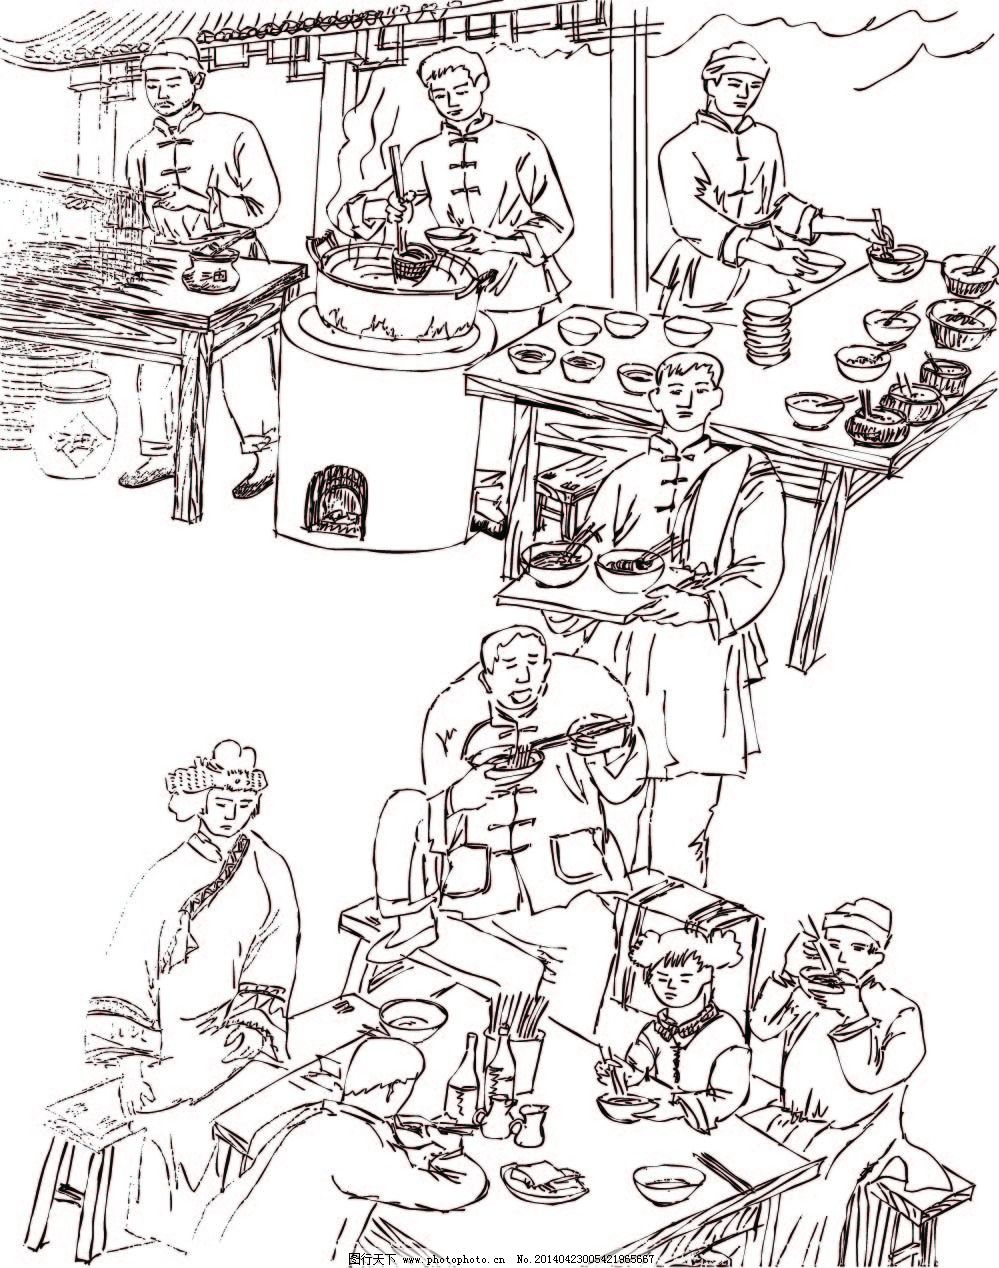 斯卡布罗集市中文版简谱分享_斯卡布罗集市中